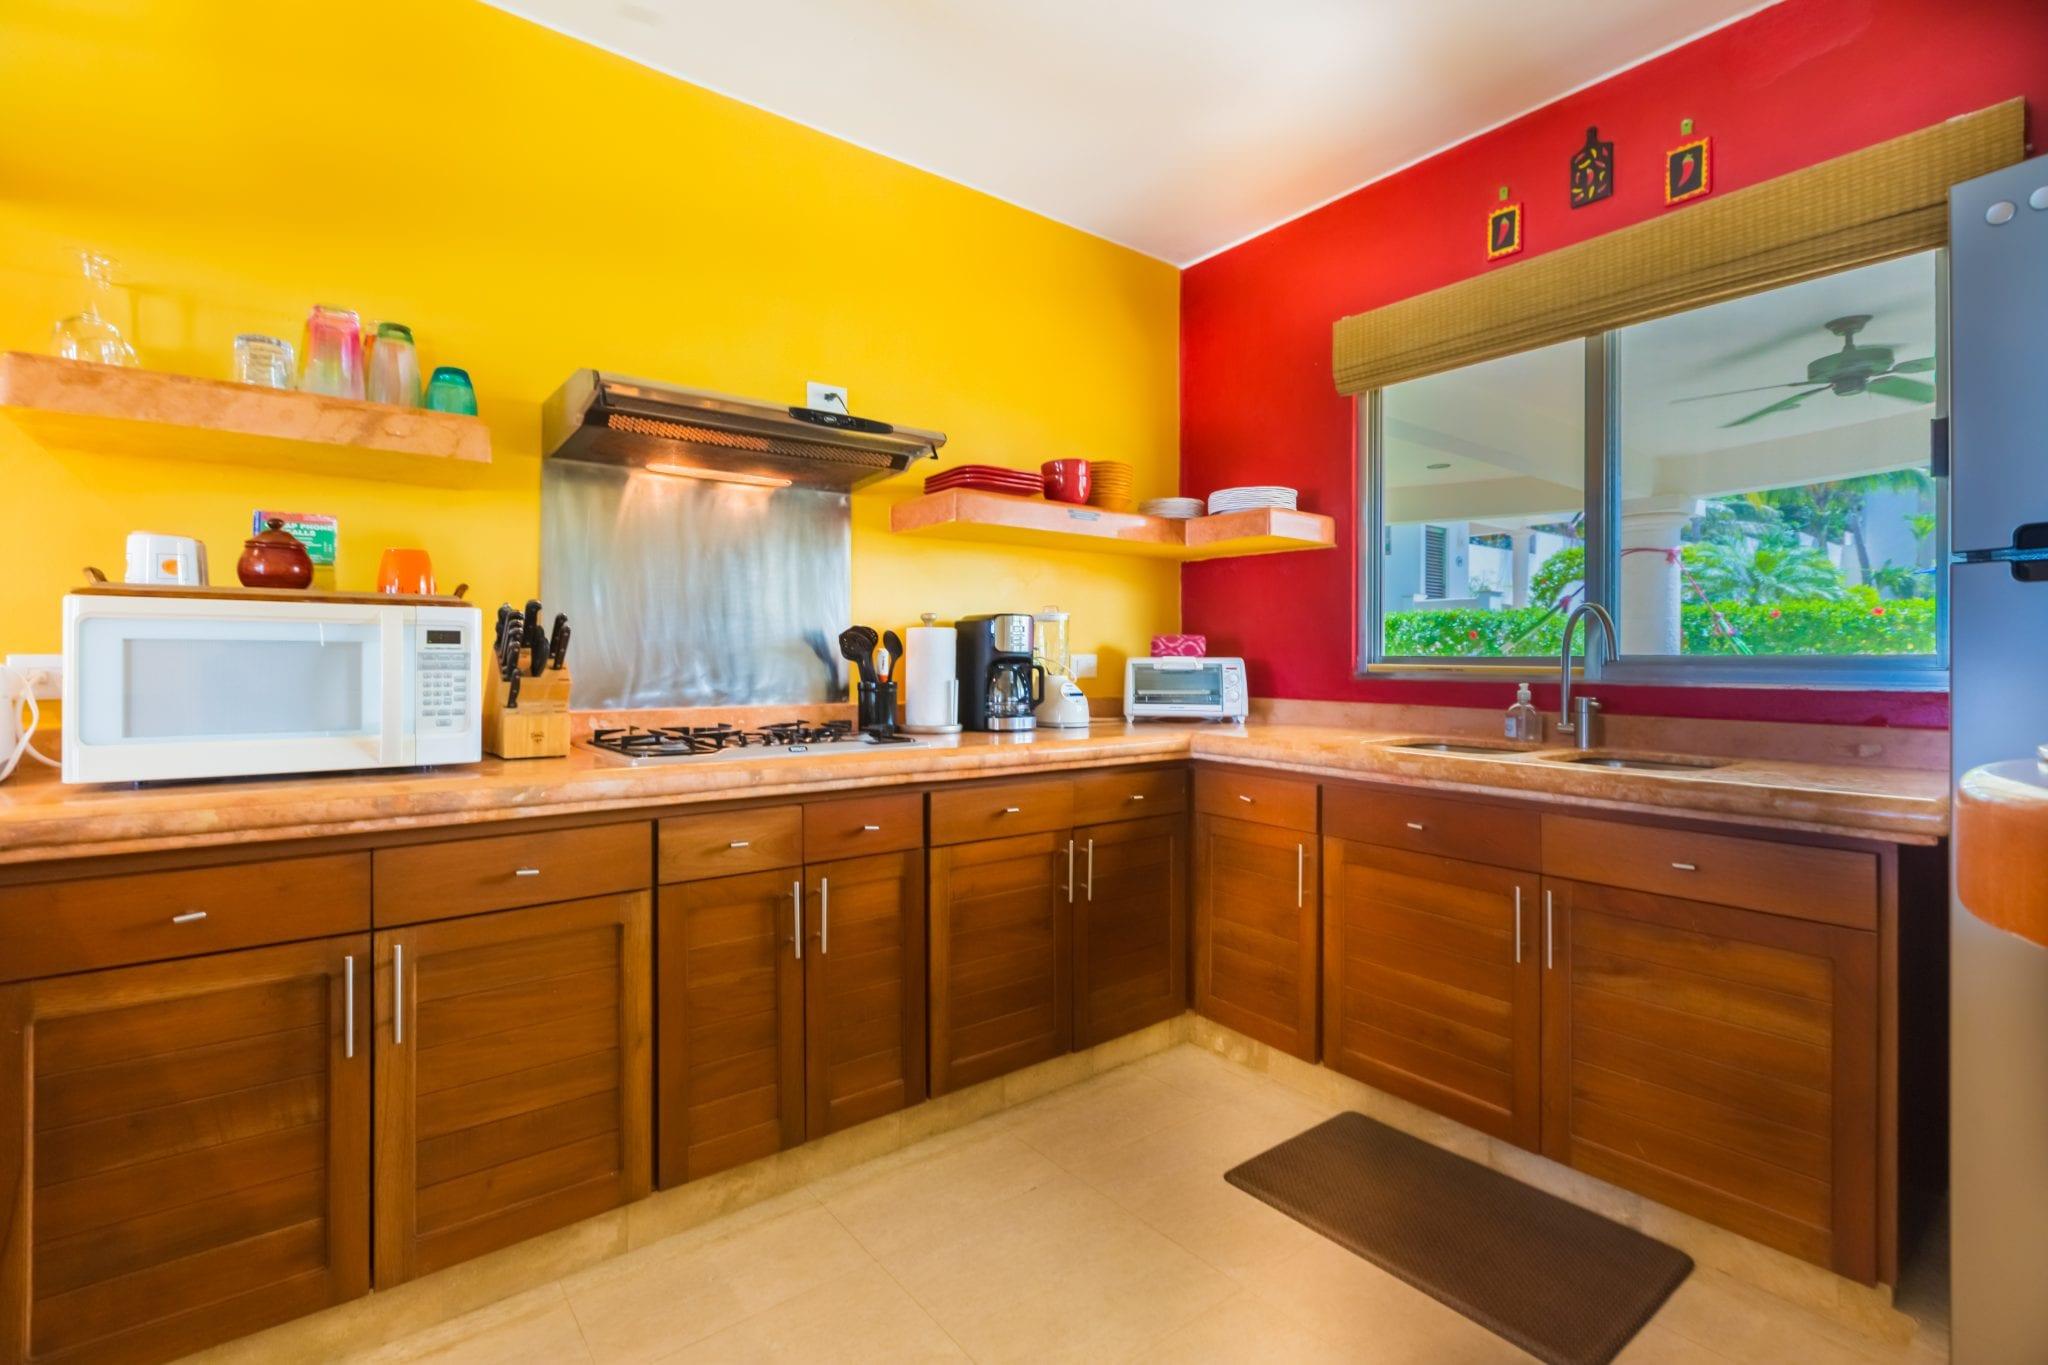 Casita A - Kitchen